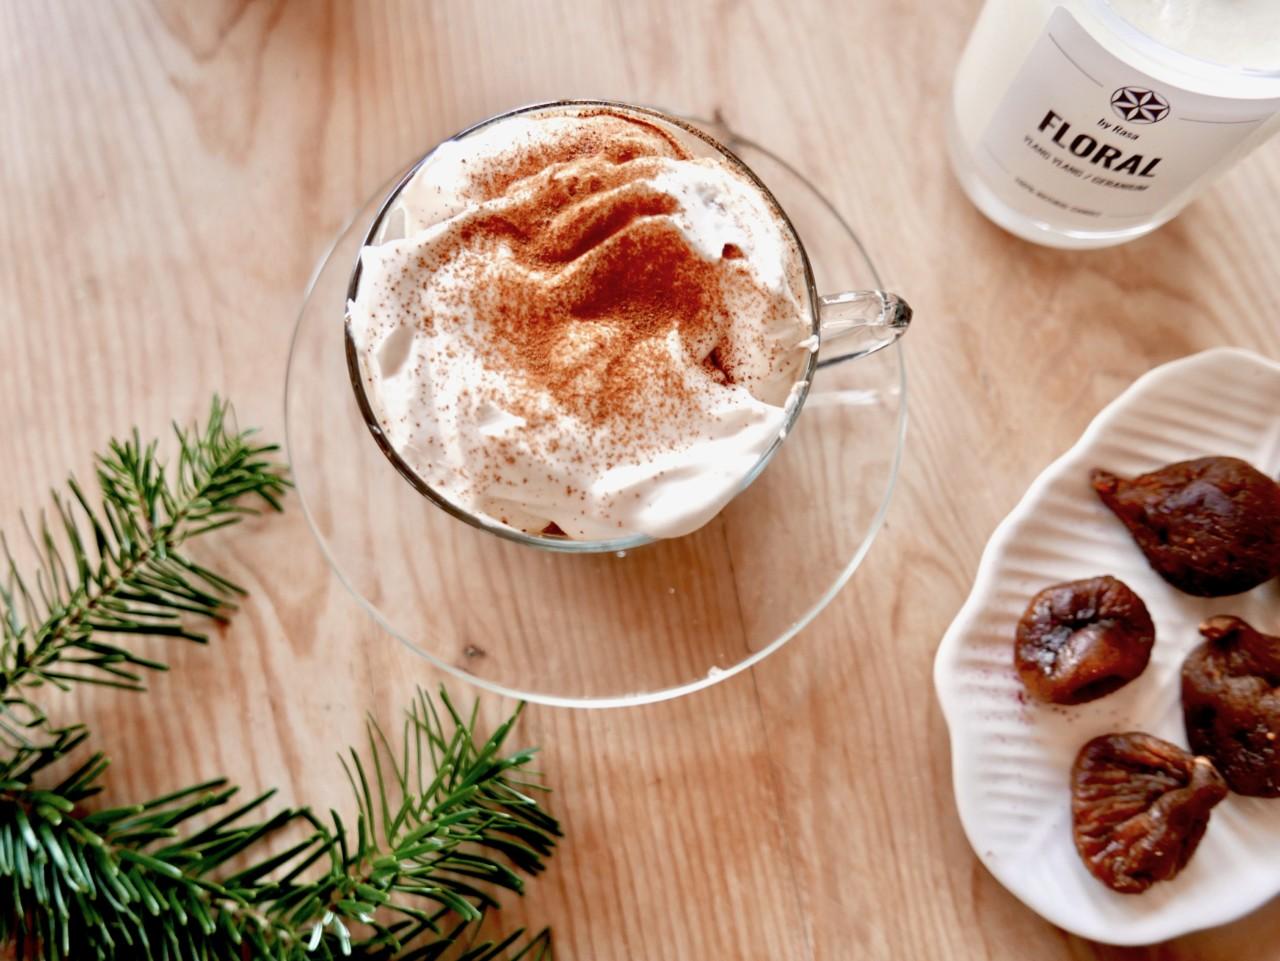 green-world-kaffe-med-krem-fiken-floral-naturales-jul